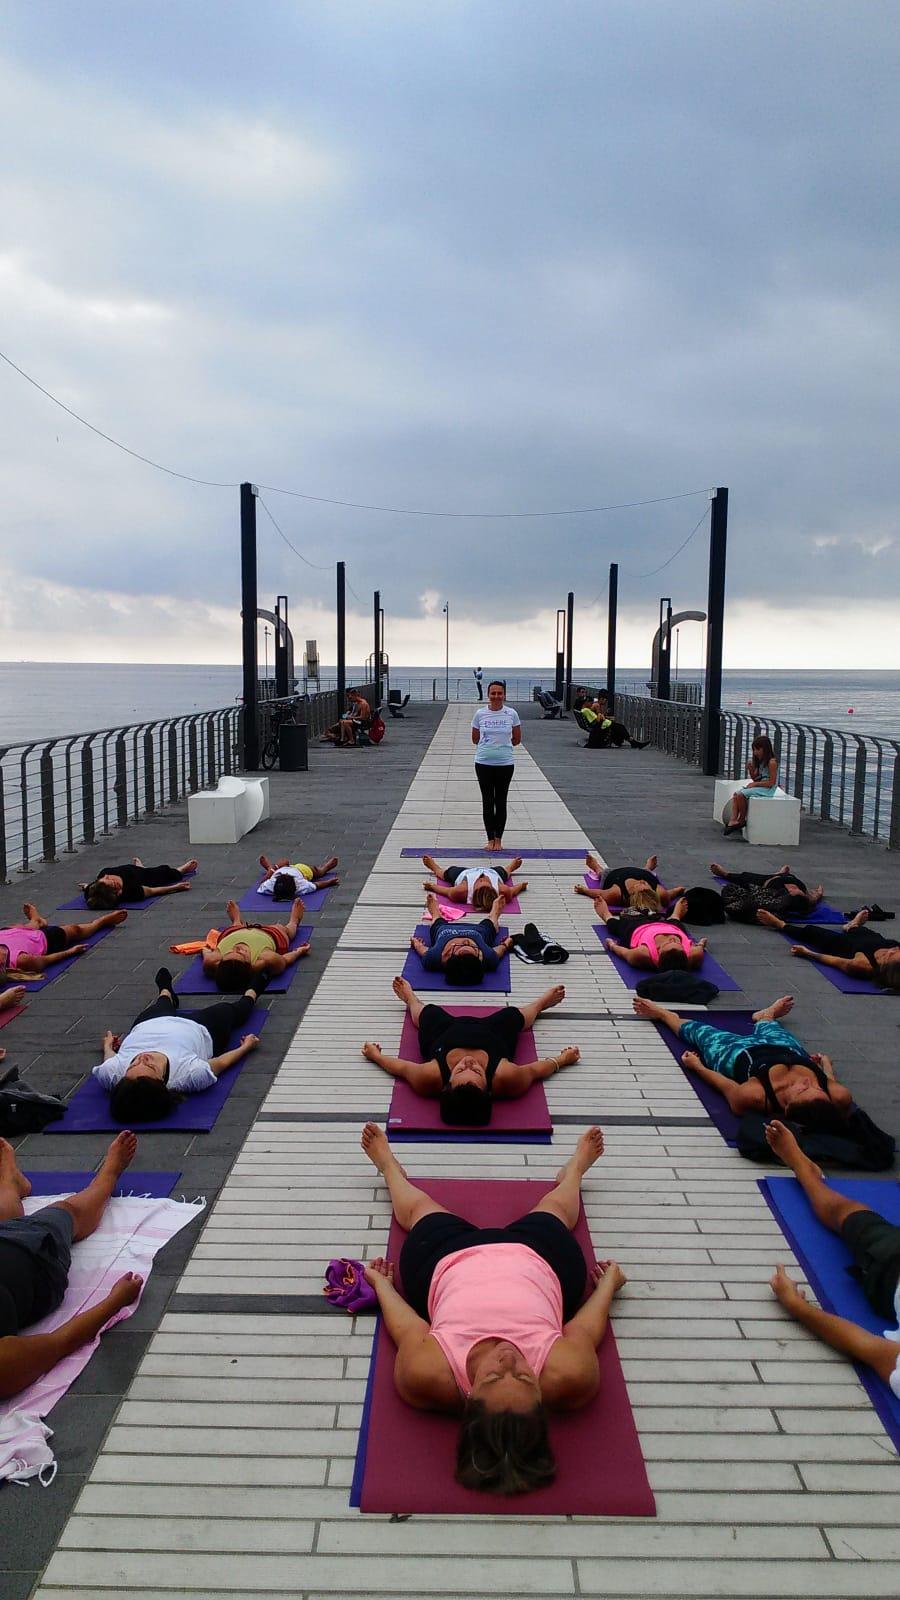 essere-free-yoga-gratuito-benessere-per-tutti-village-citta-alassio-estate-lucia-ragazzi-summer-town-wellness-089